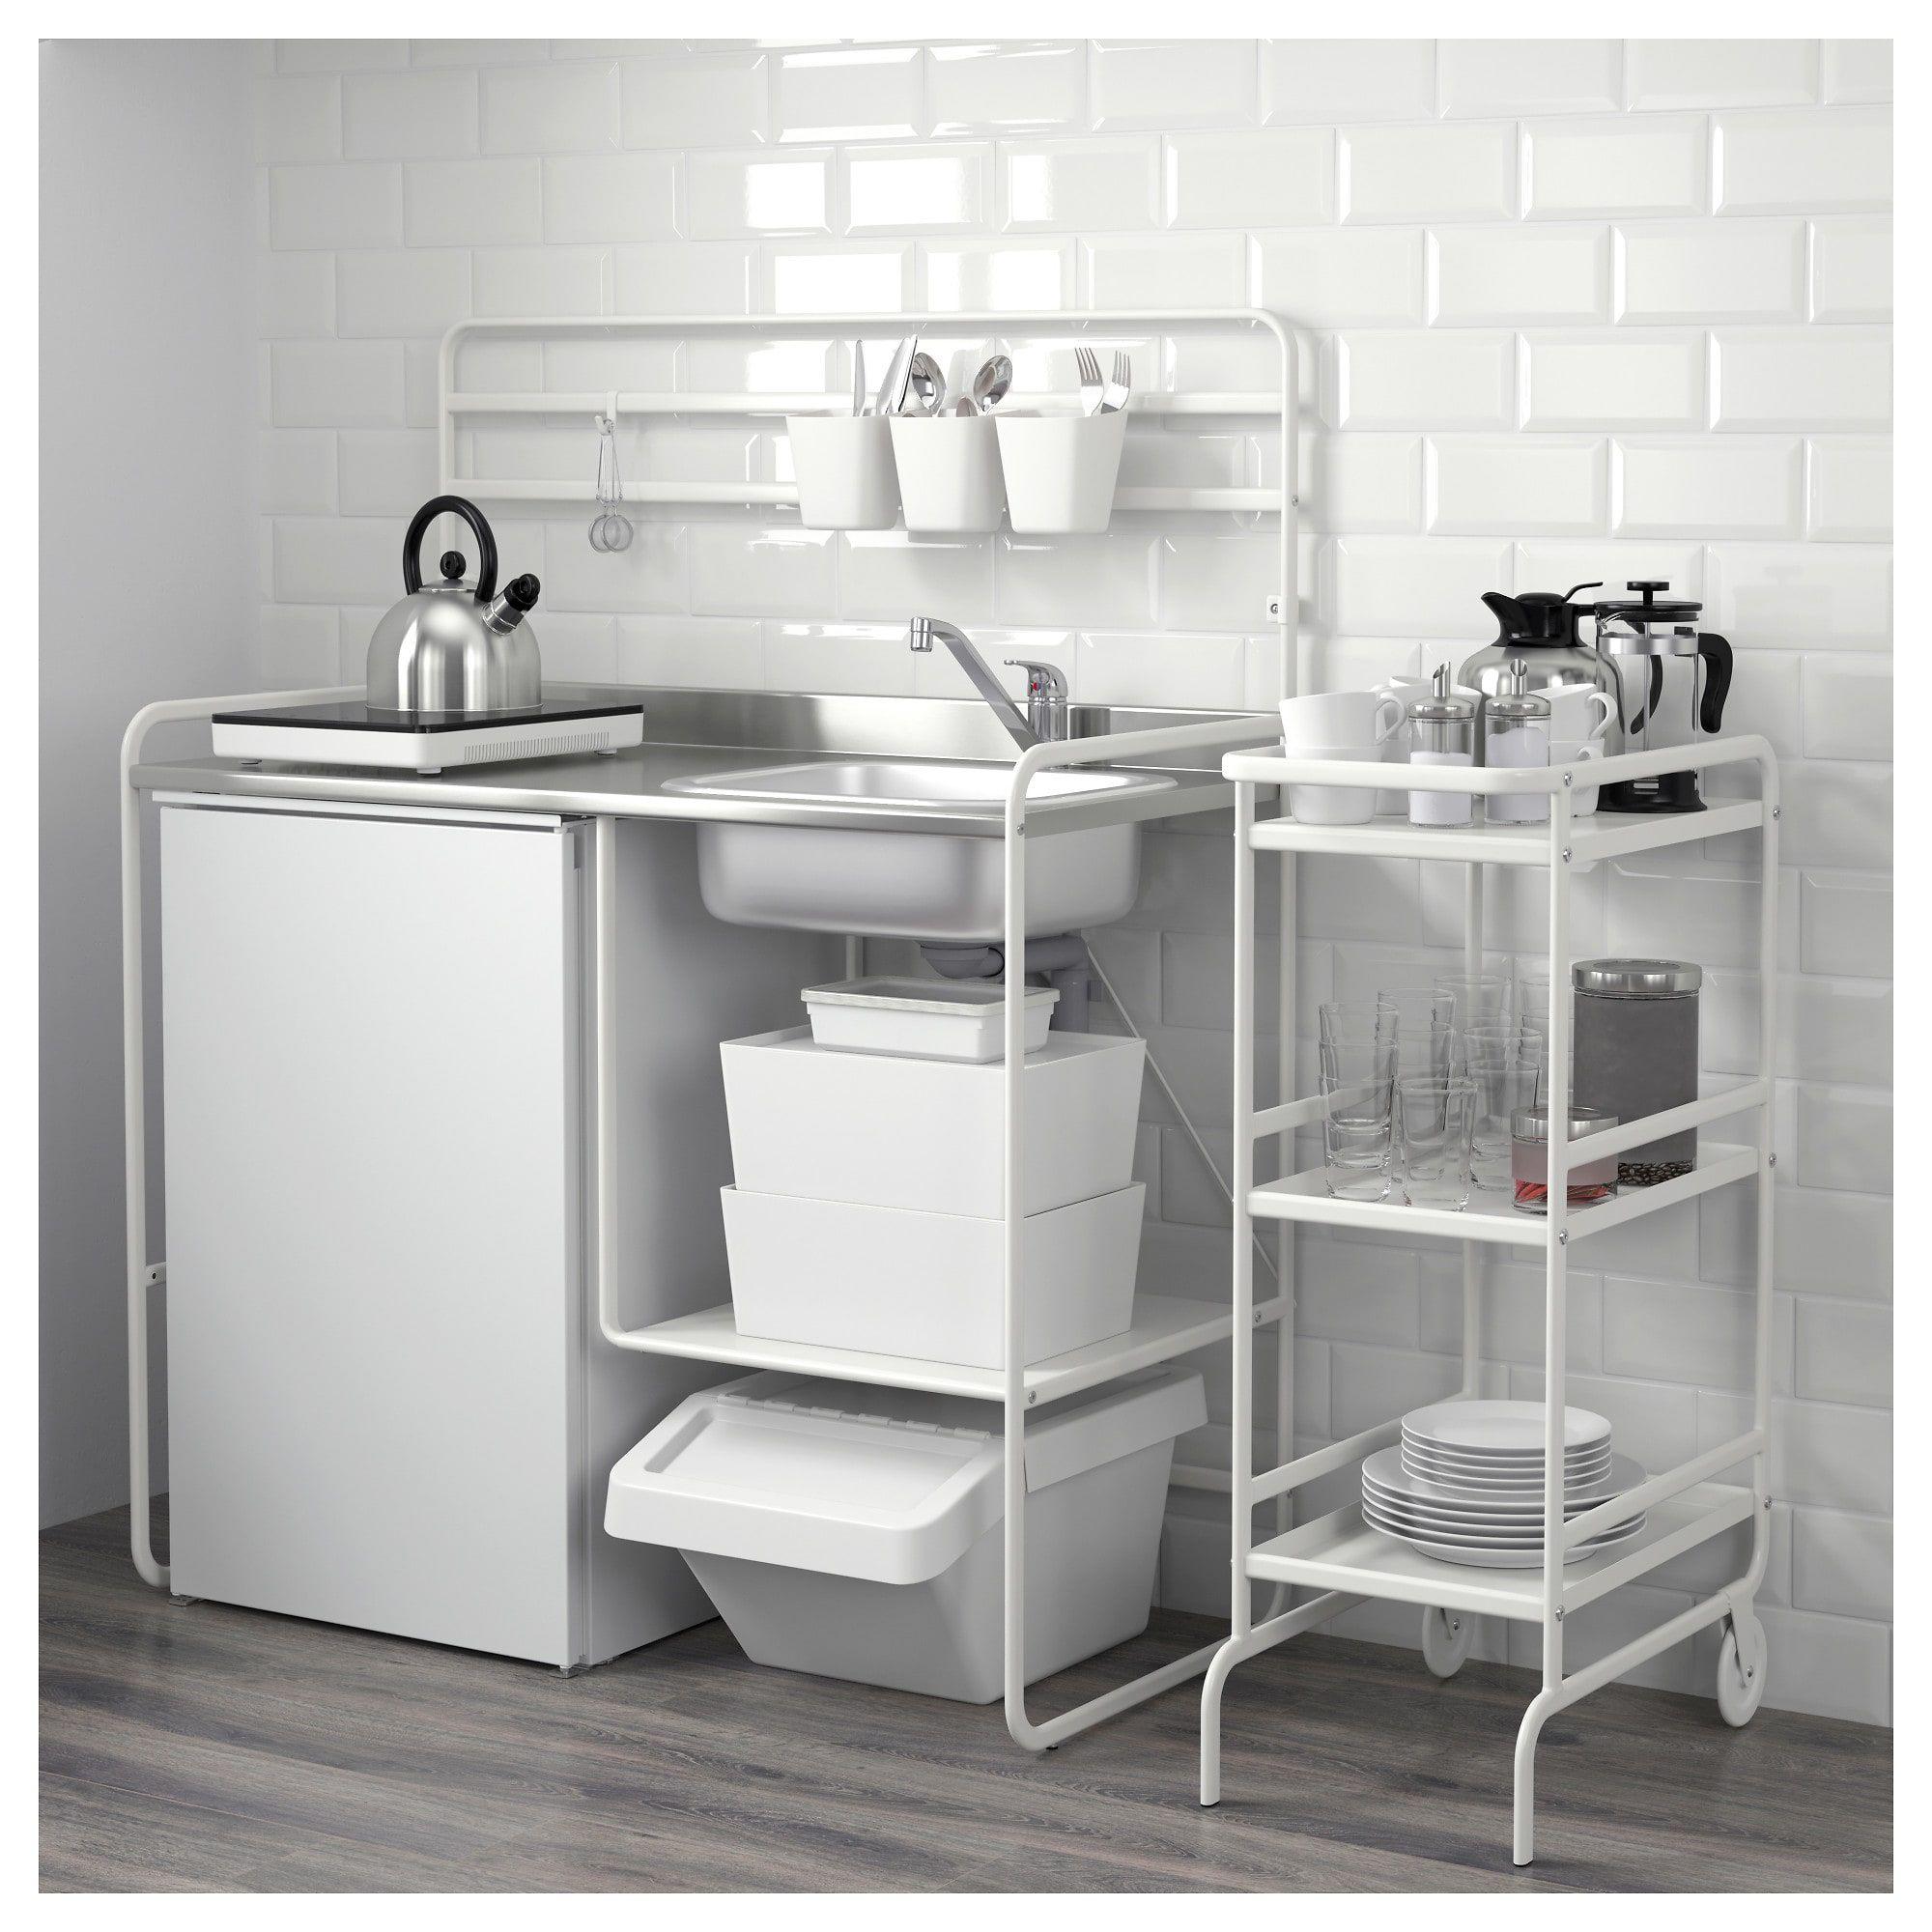 Ikea Sunnersta temporary kitchen sink